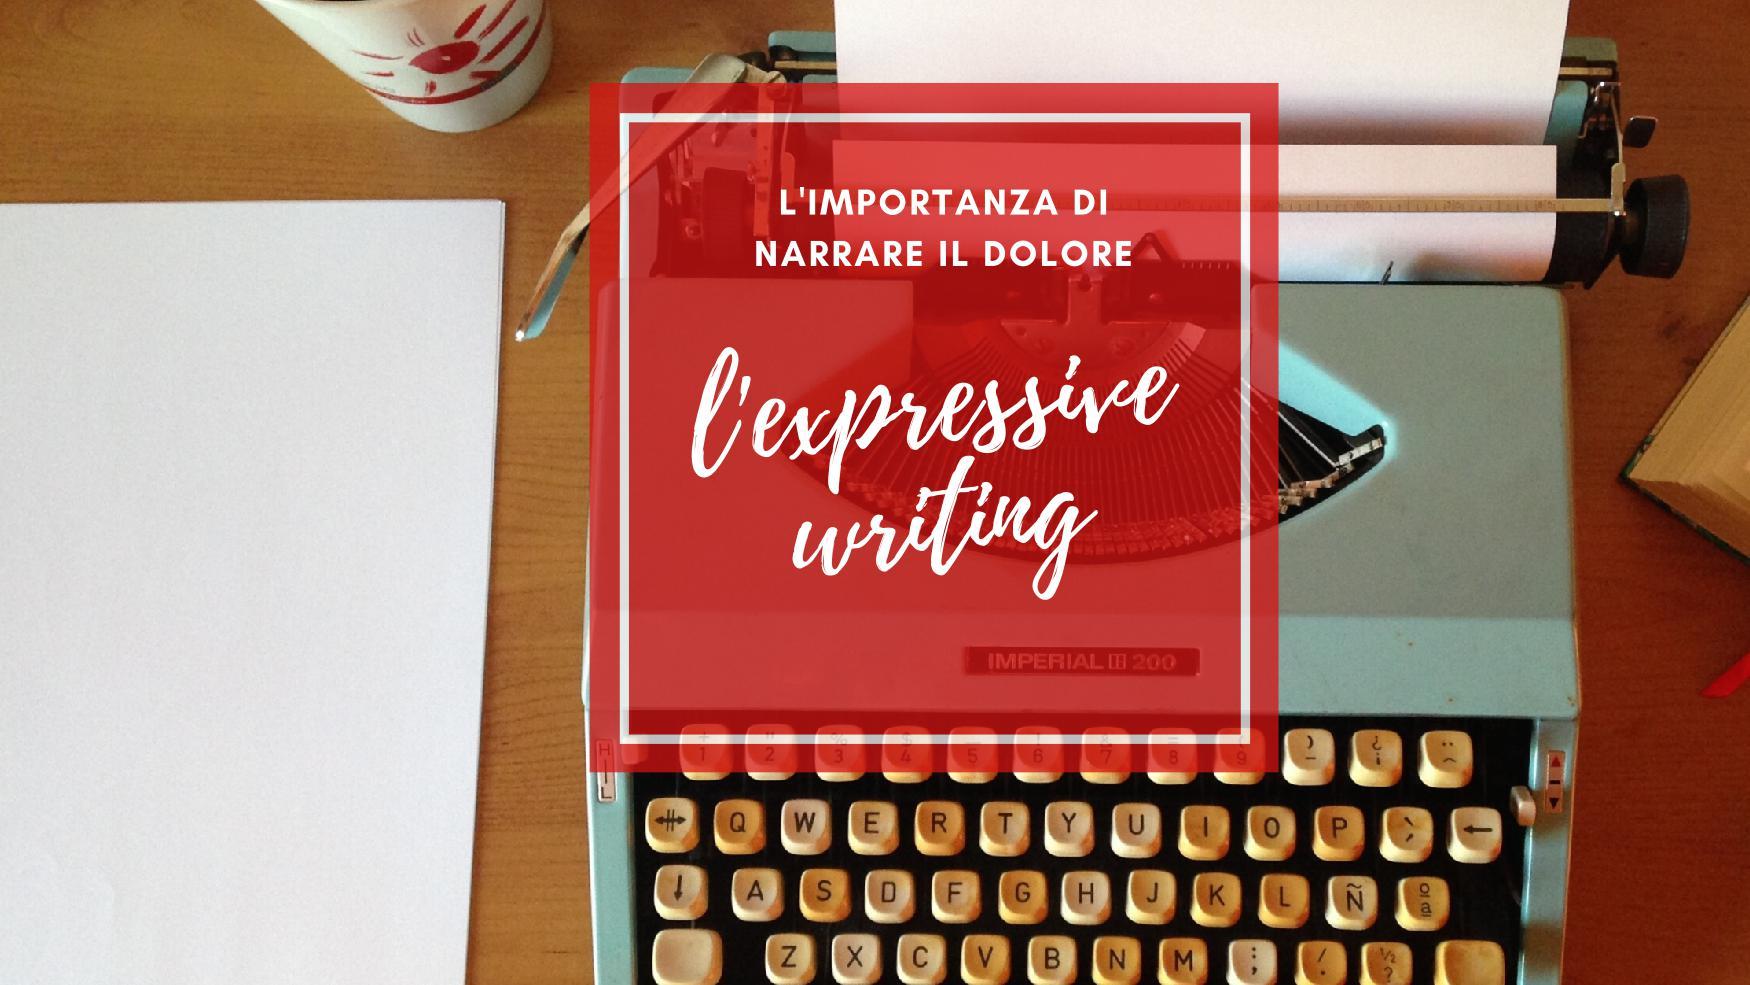 L'importanza di narrare il dolore: l'Expressive Writing